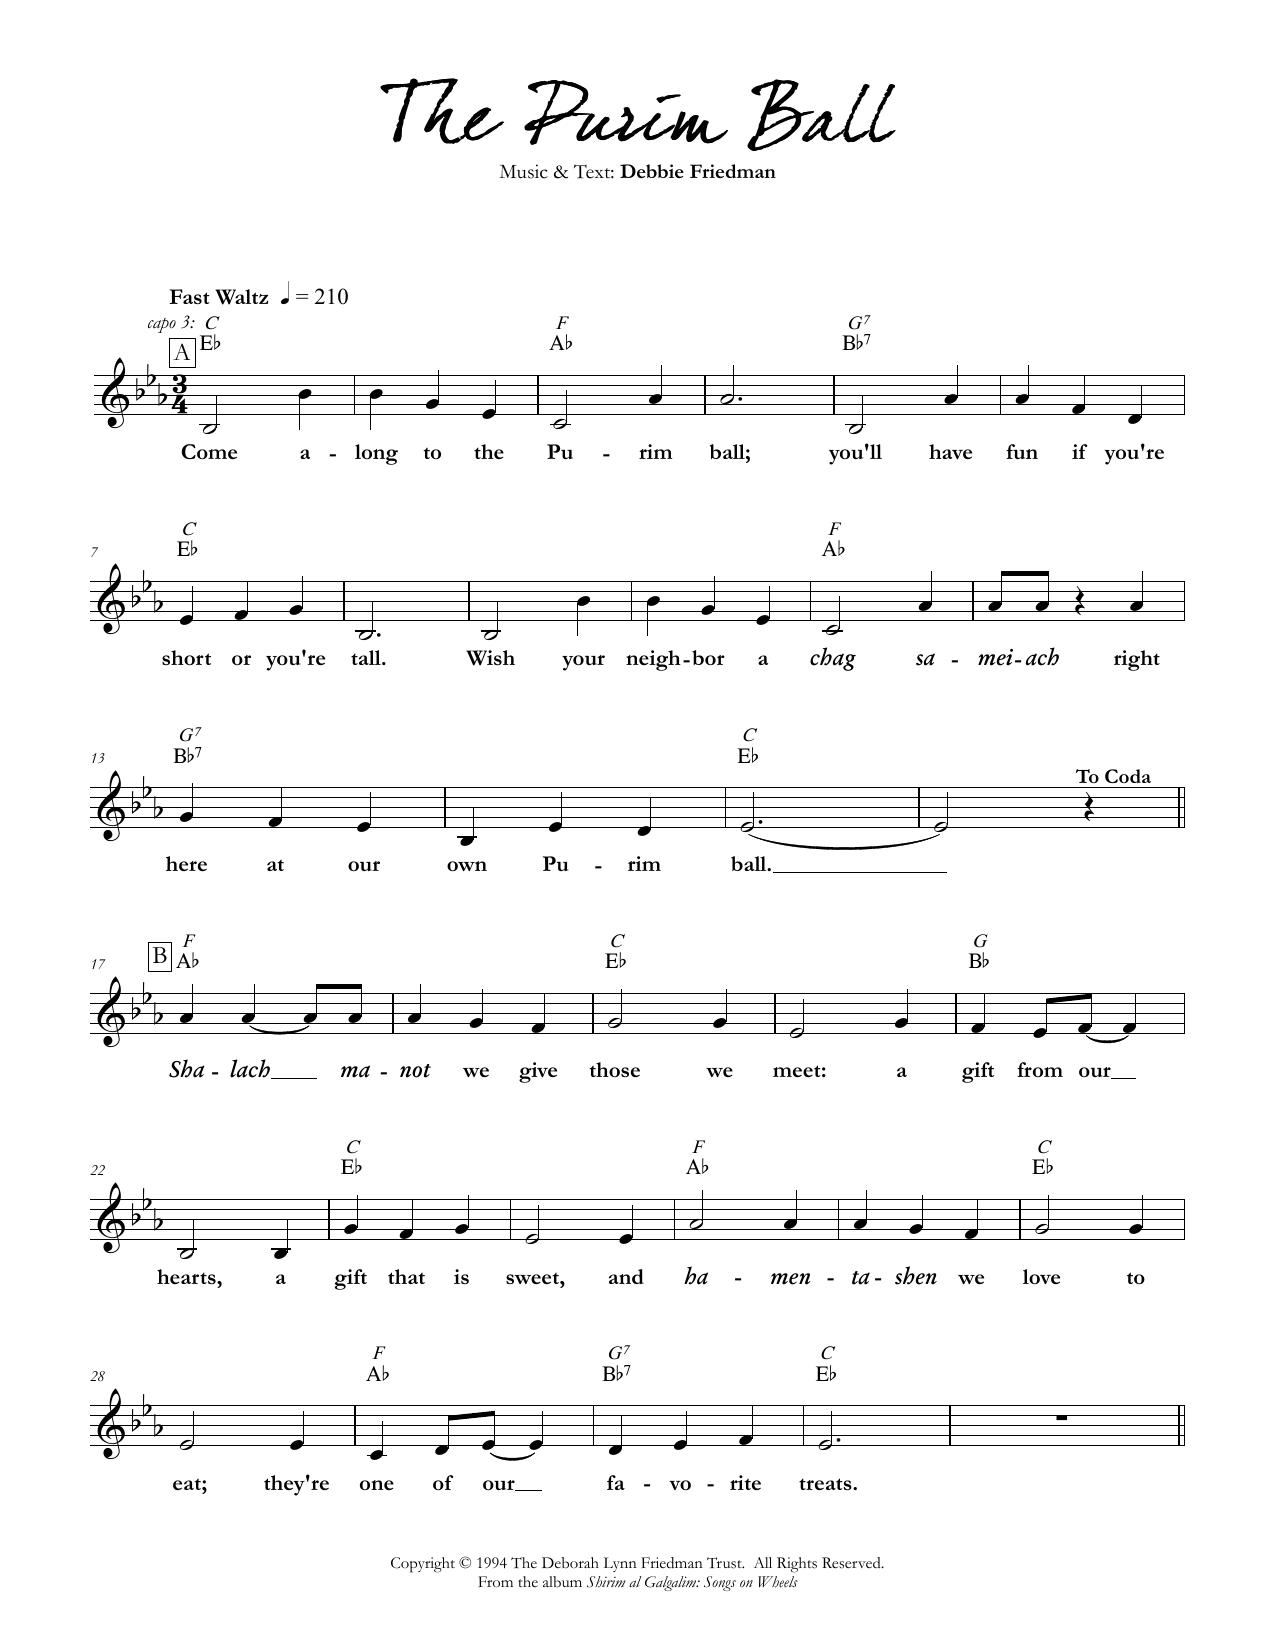 The Purim Ball Sheet Music